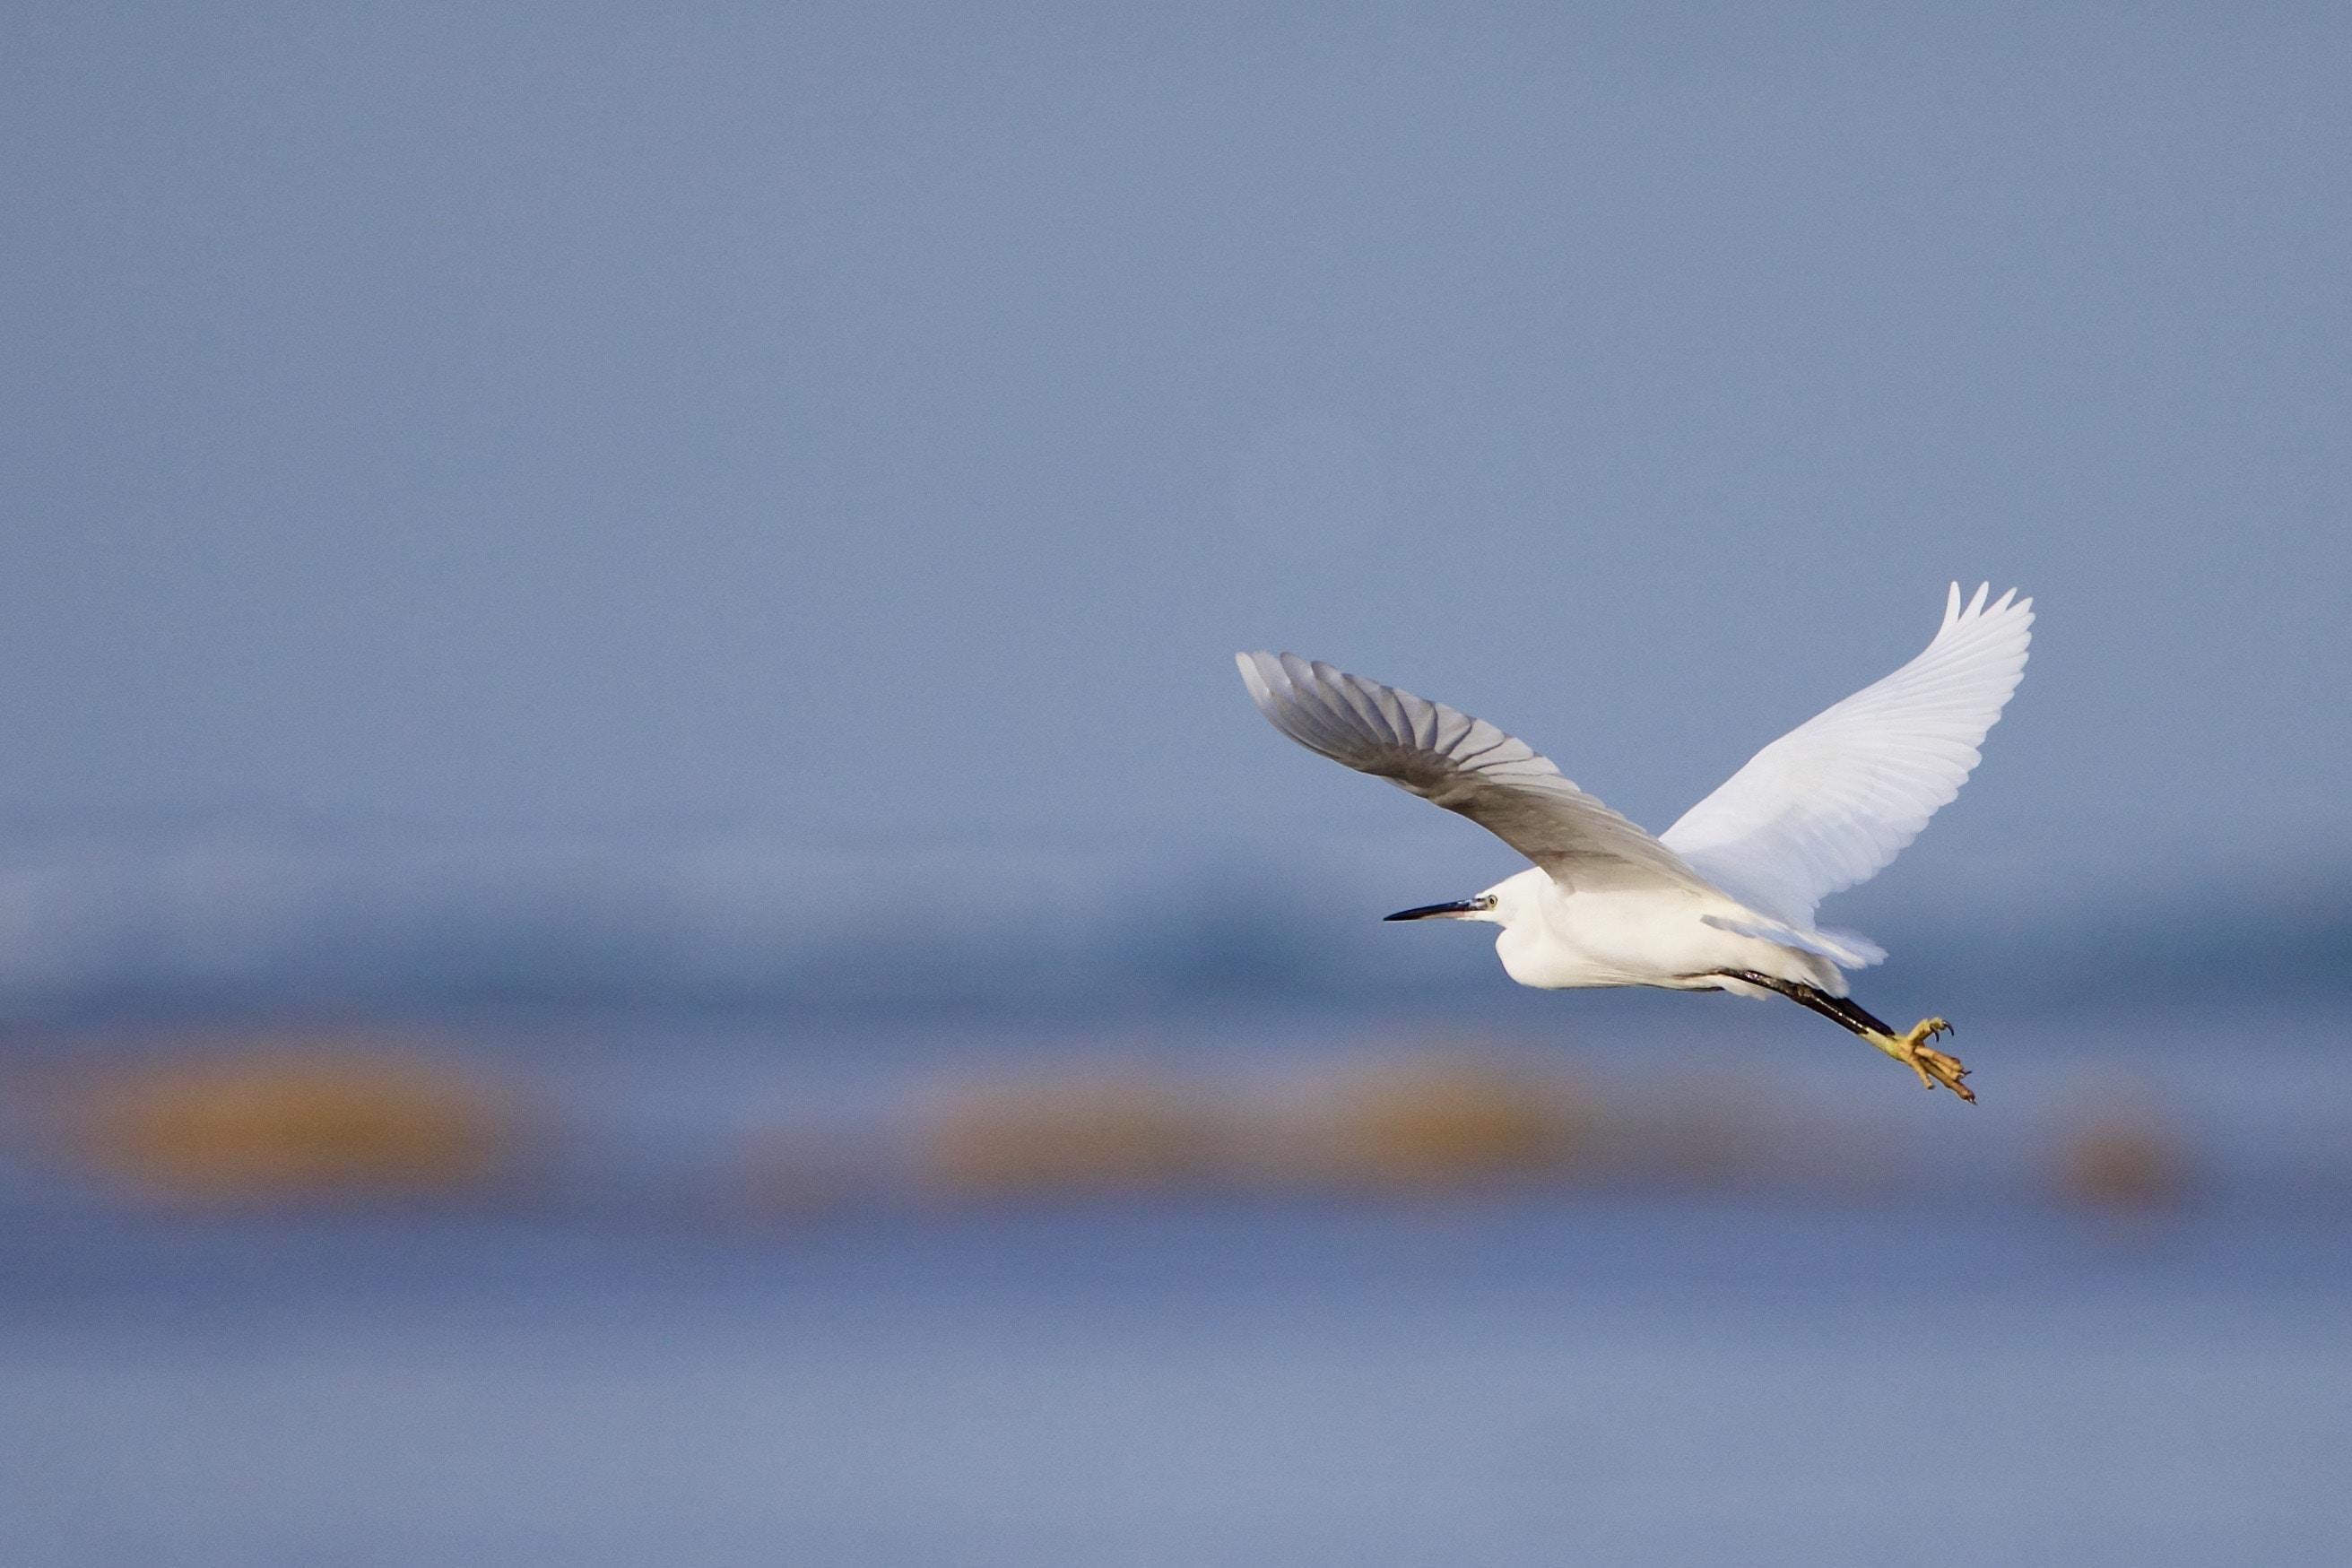 white bird flying over water